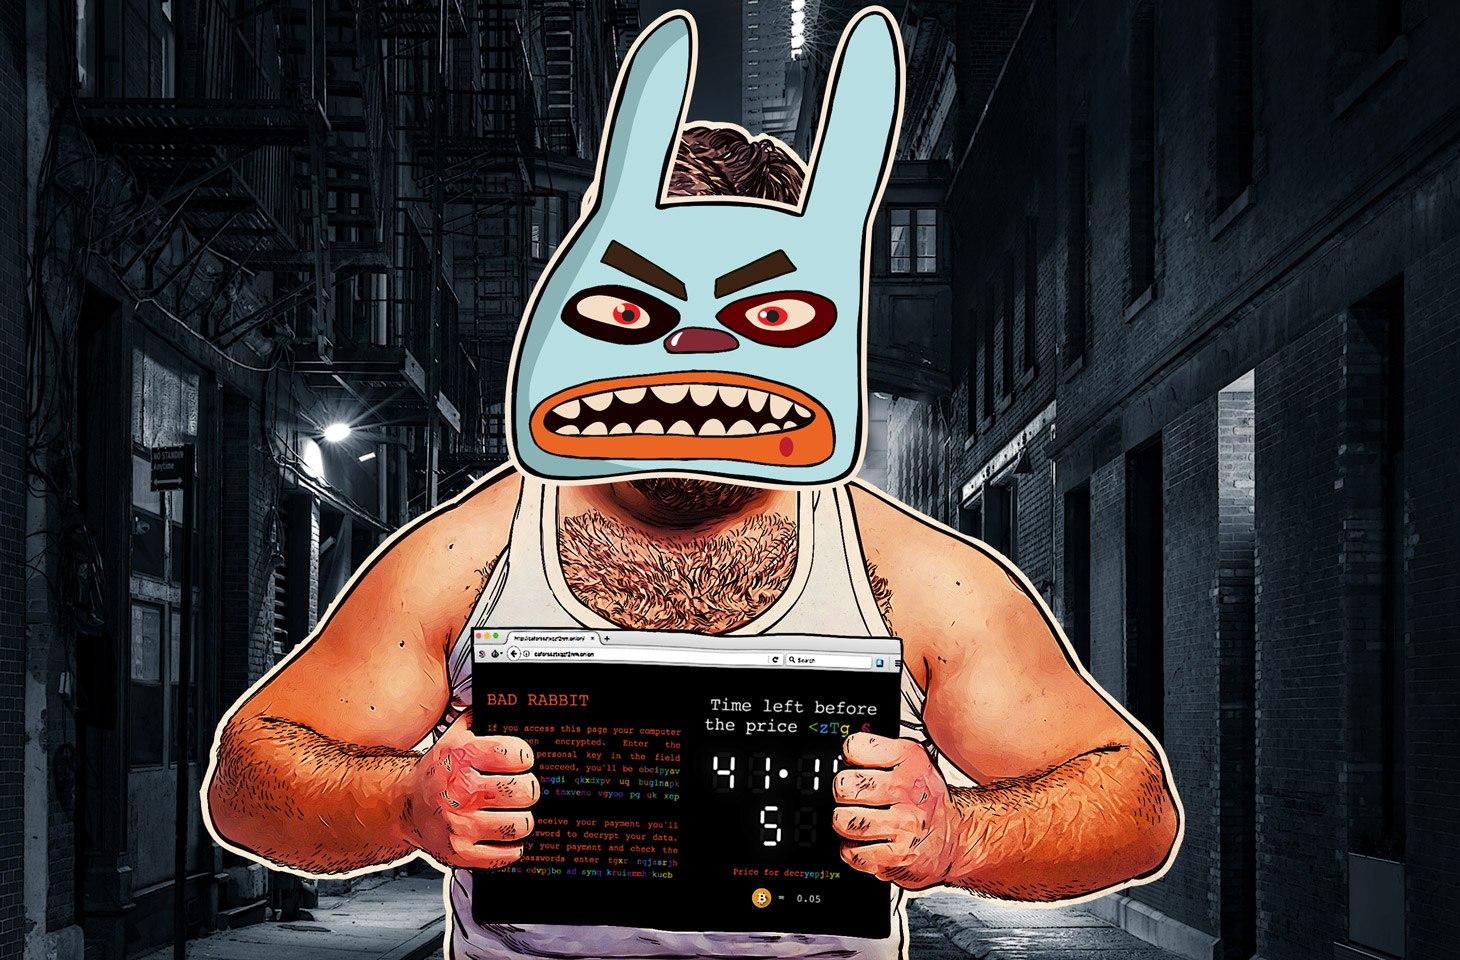 壞兔子作怪 勒索軟件Bad Rabbit強襲歐洲